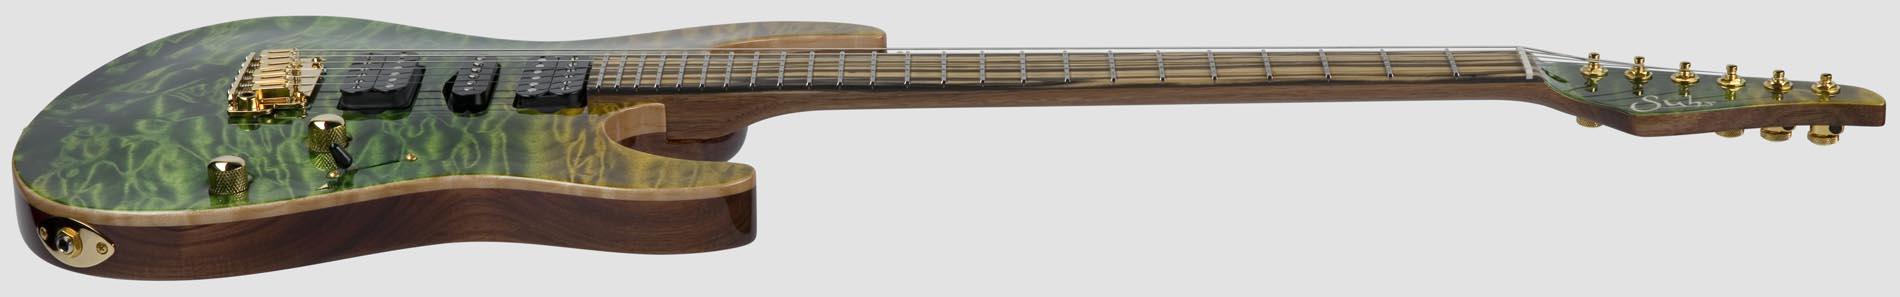 JS2L1R 005